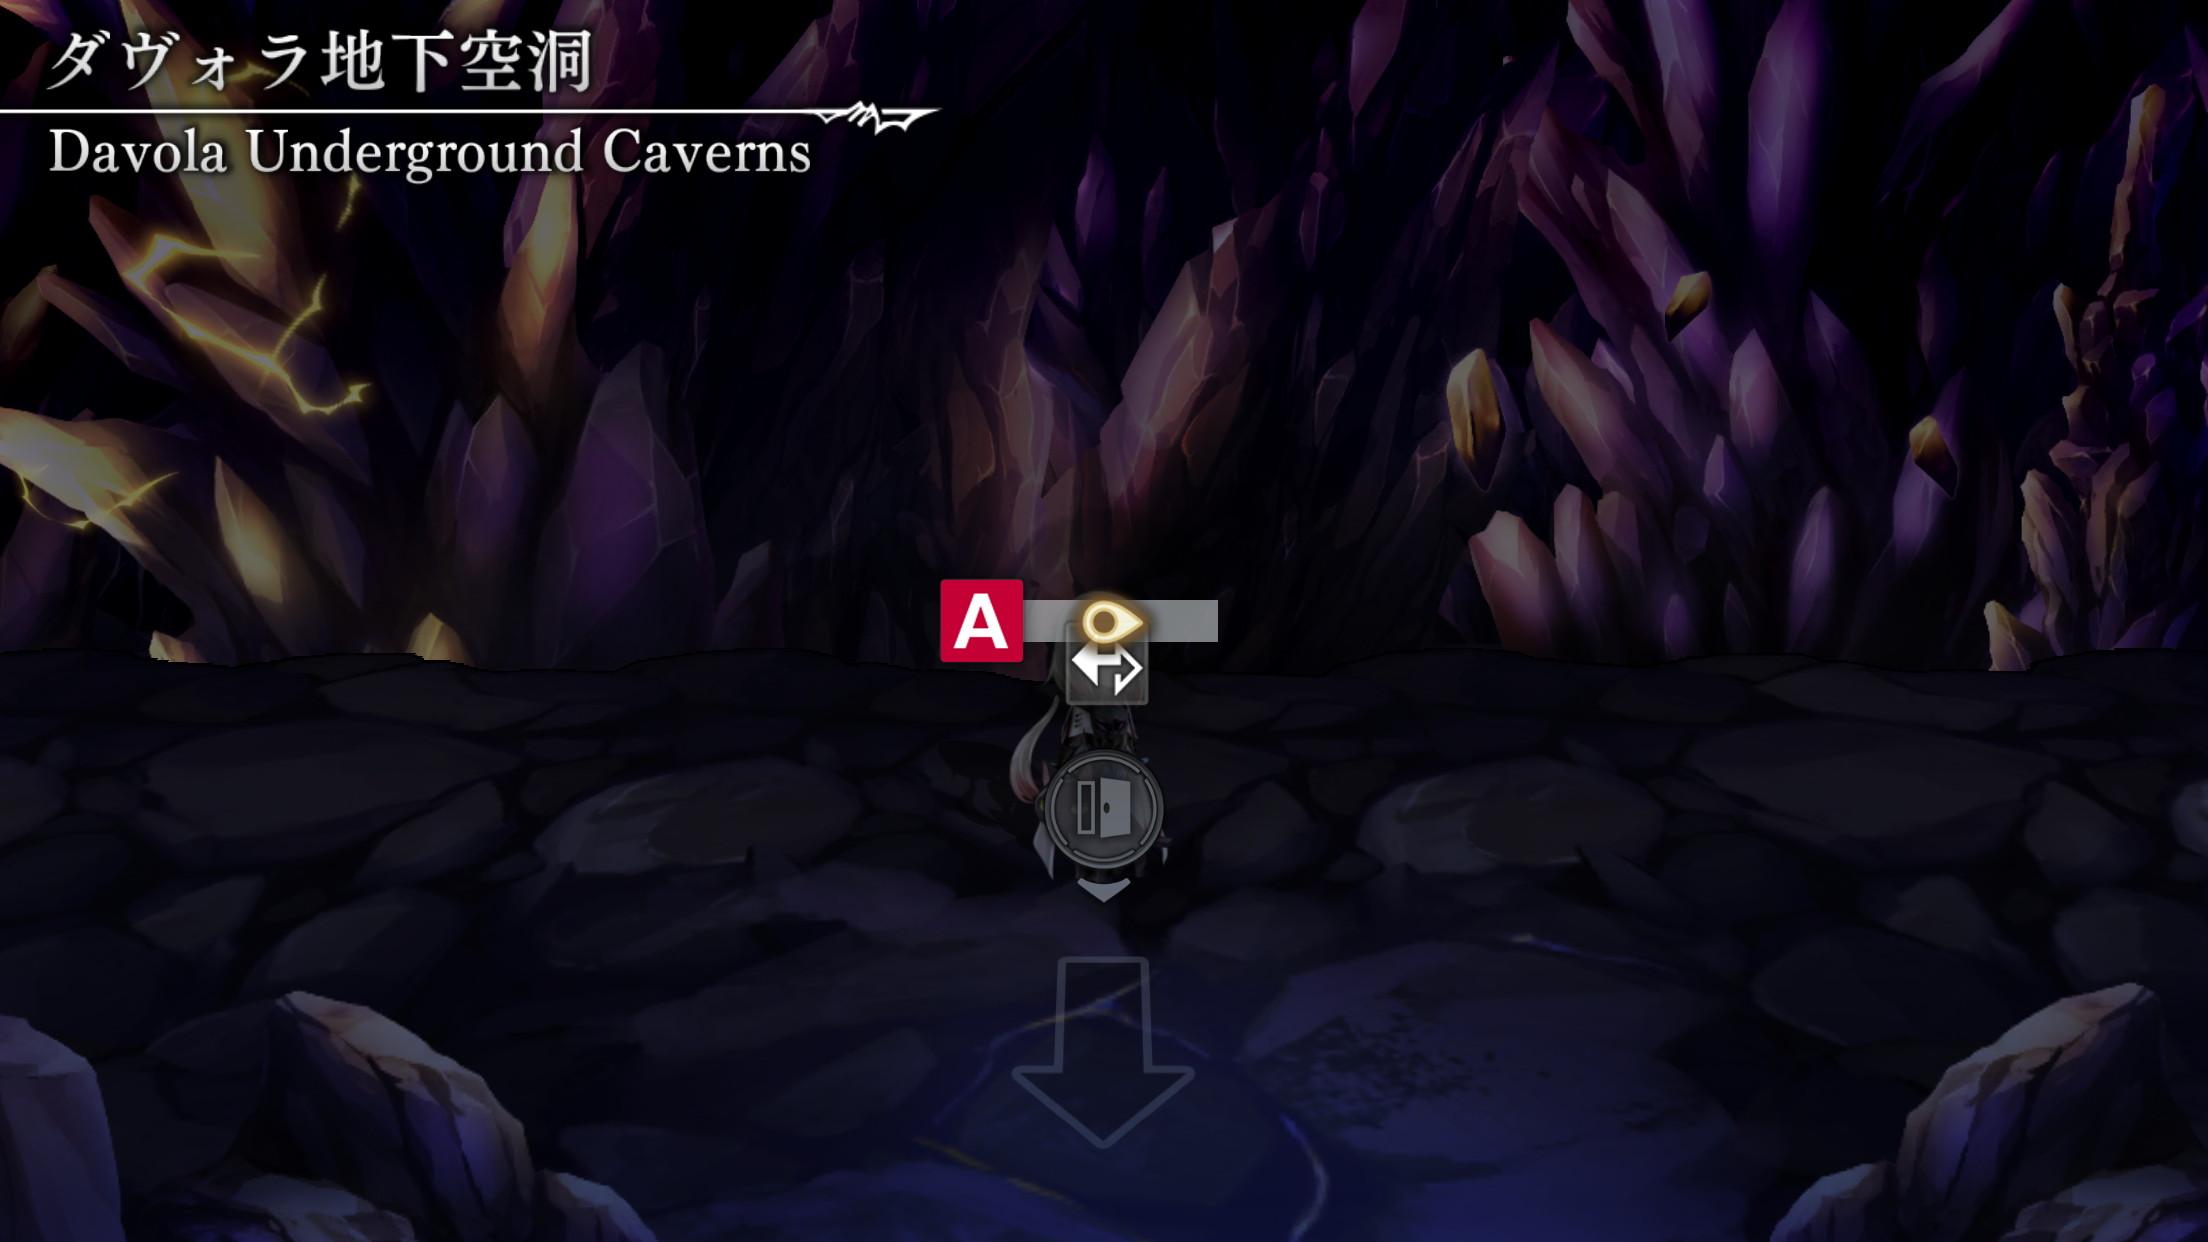 ダヴォラ地下空洞ストーリーマップ1